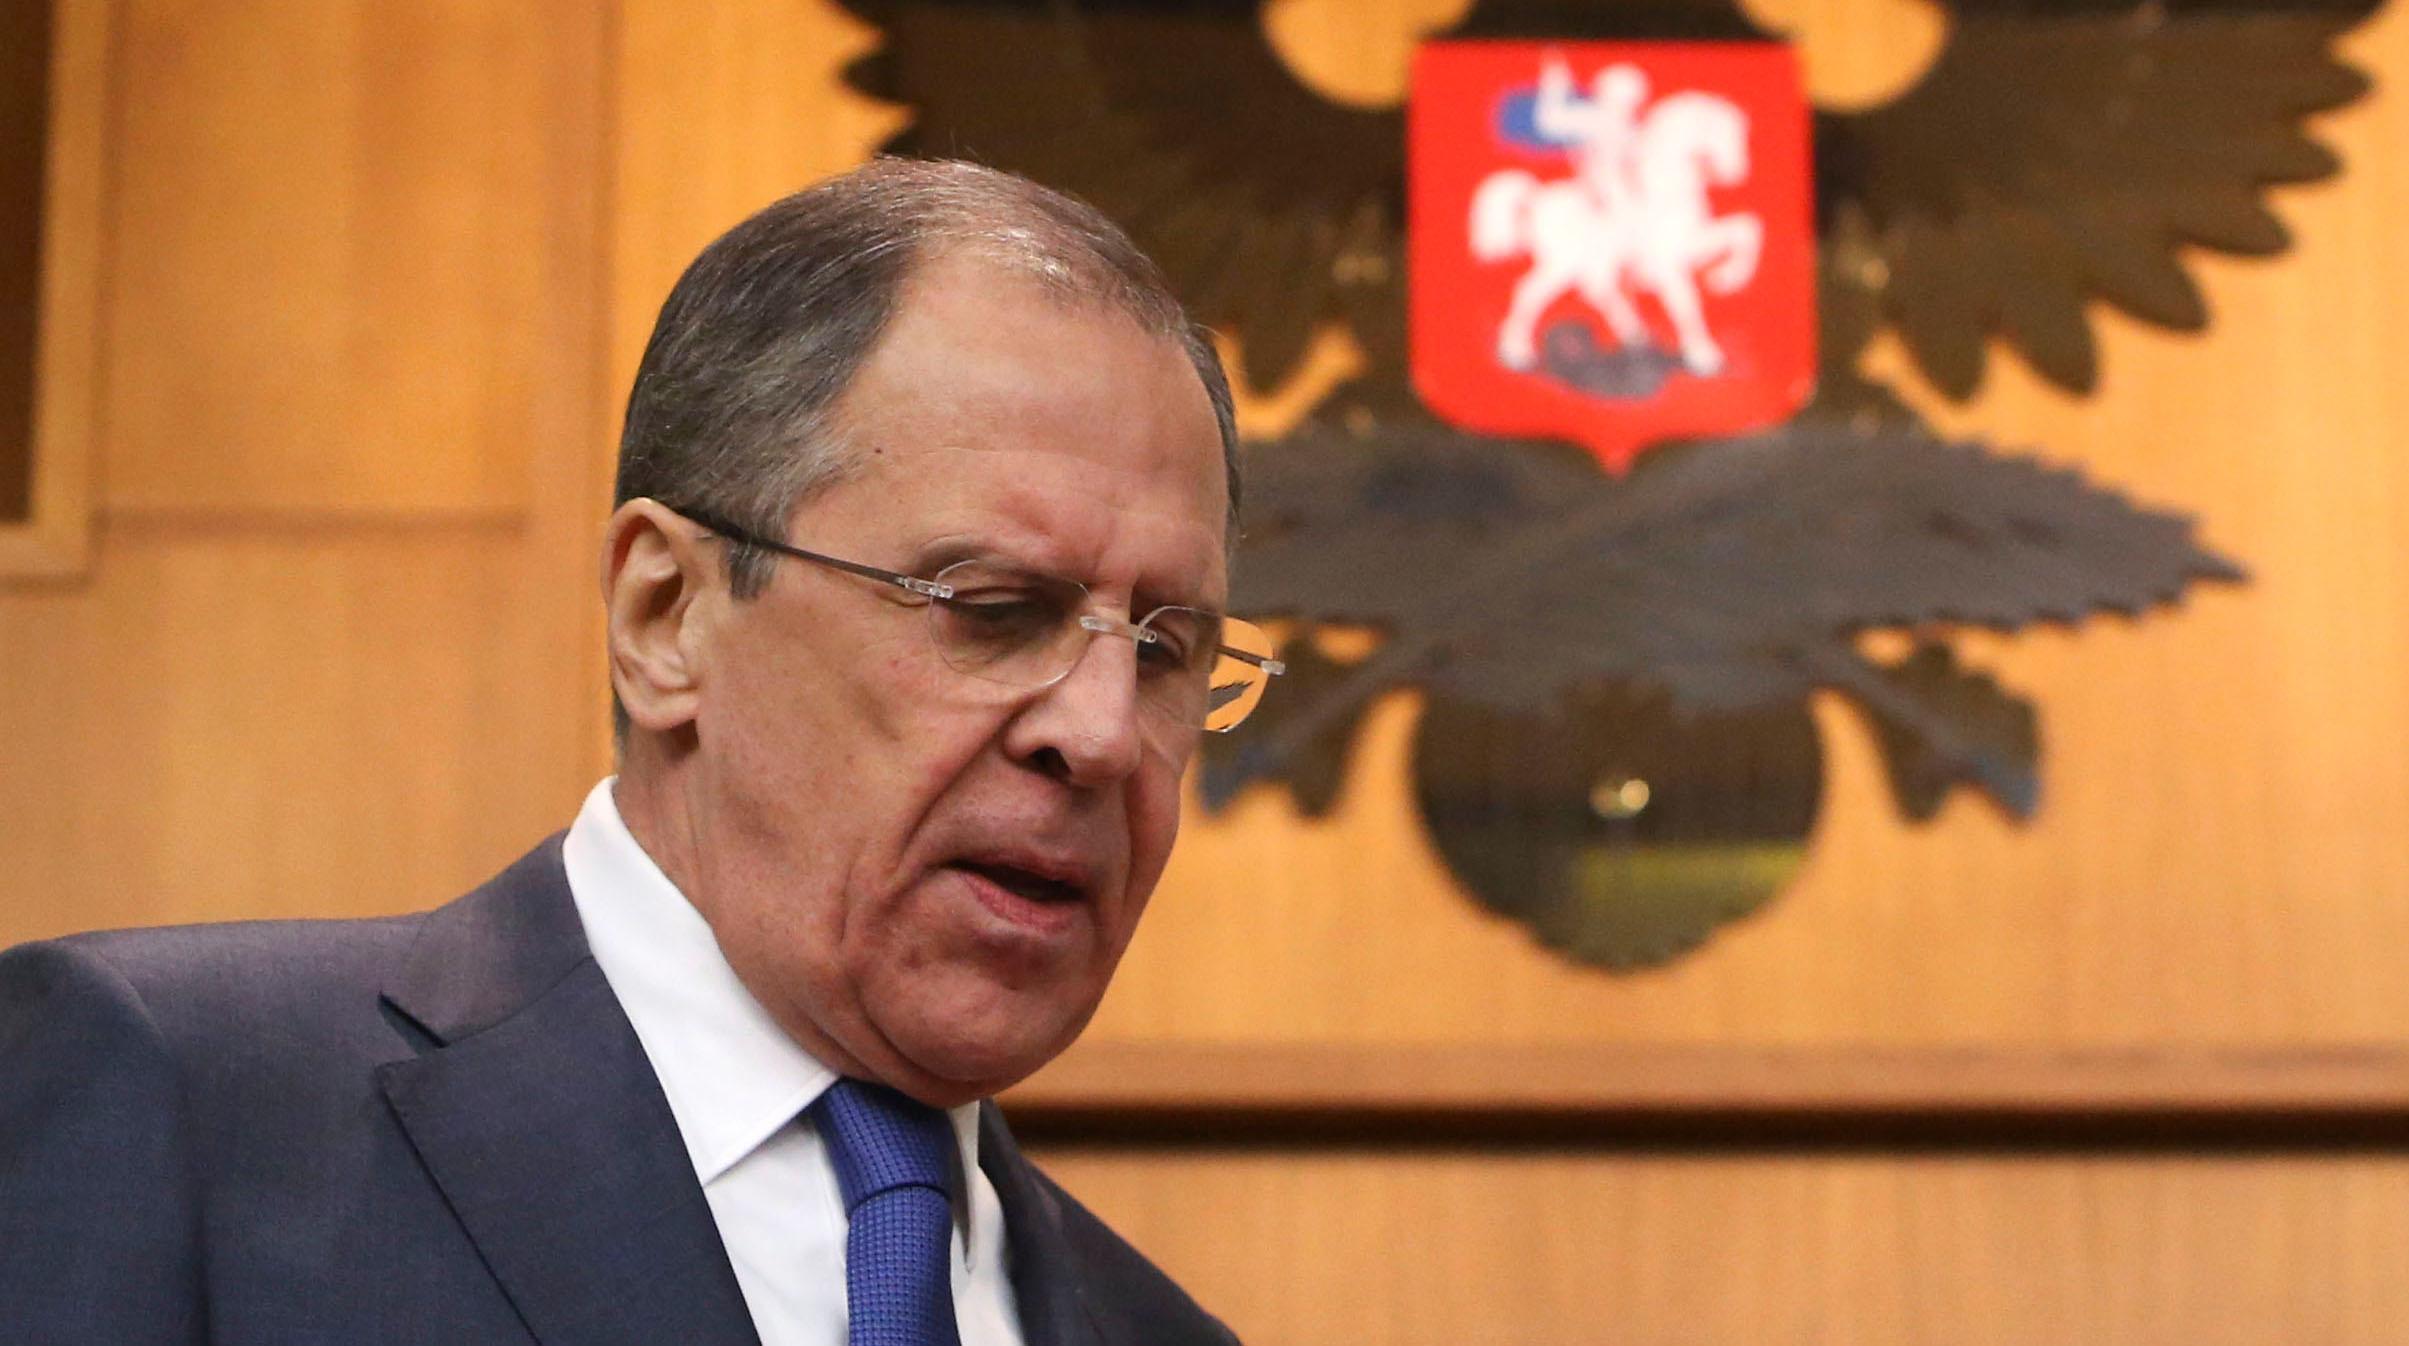 Политическата криза в Македония може да доведе до дестабилизация на Балканите като цяло, предупреждава руското външно министерство.